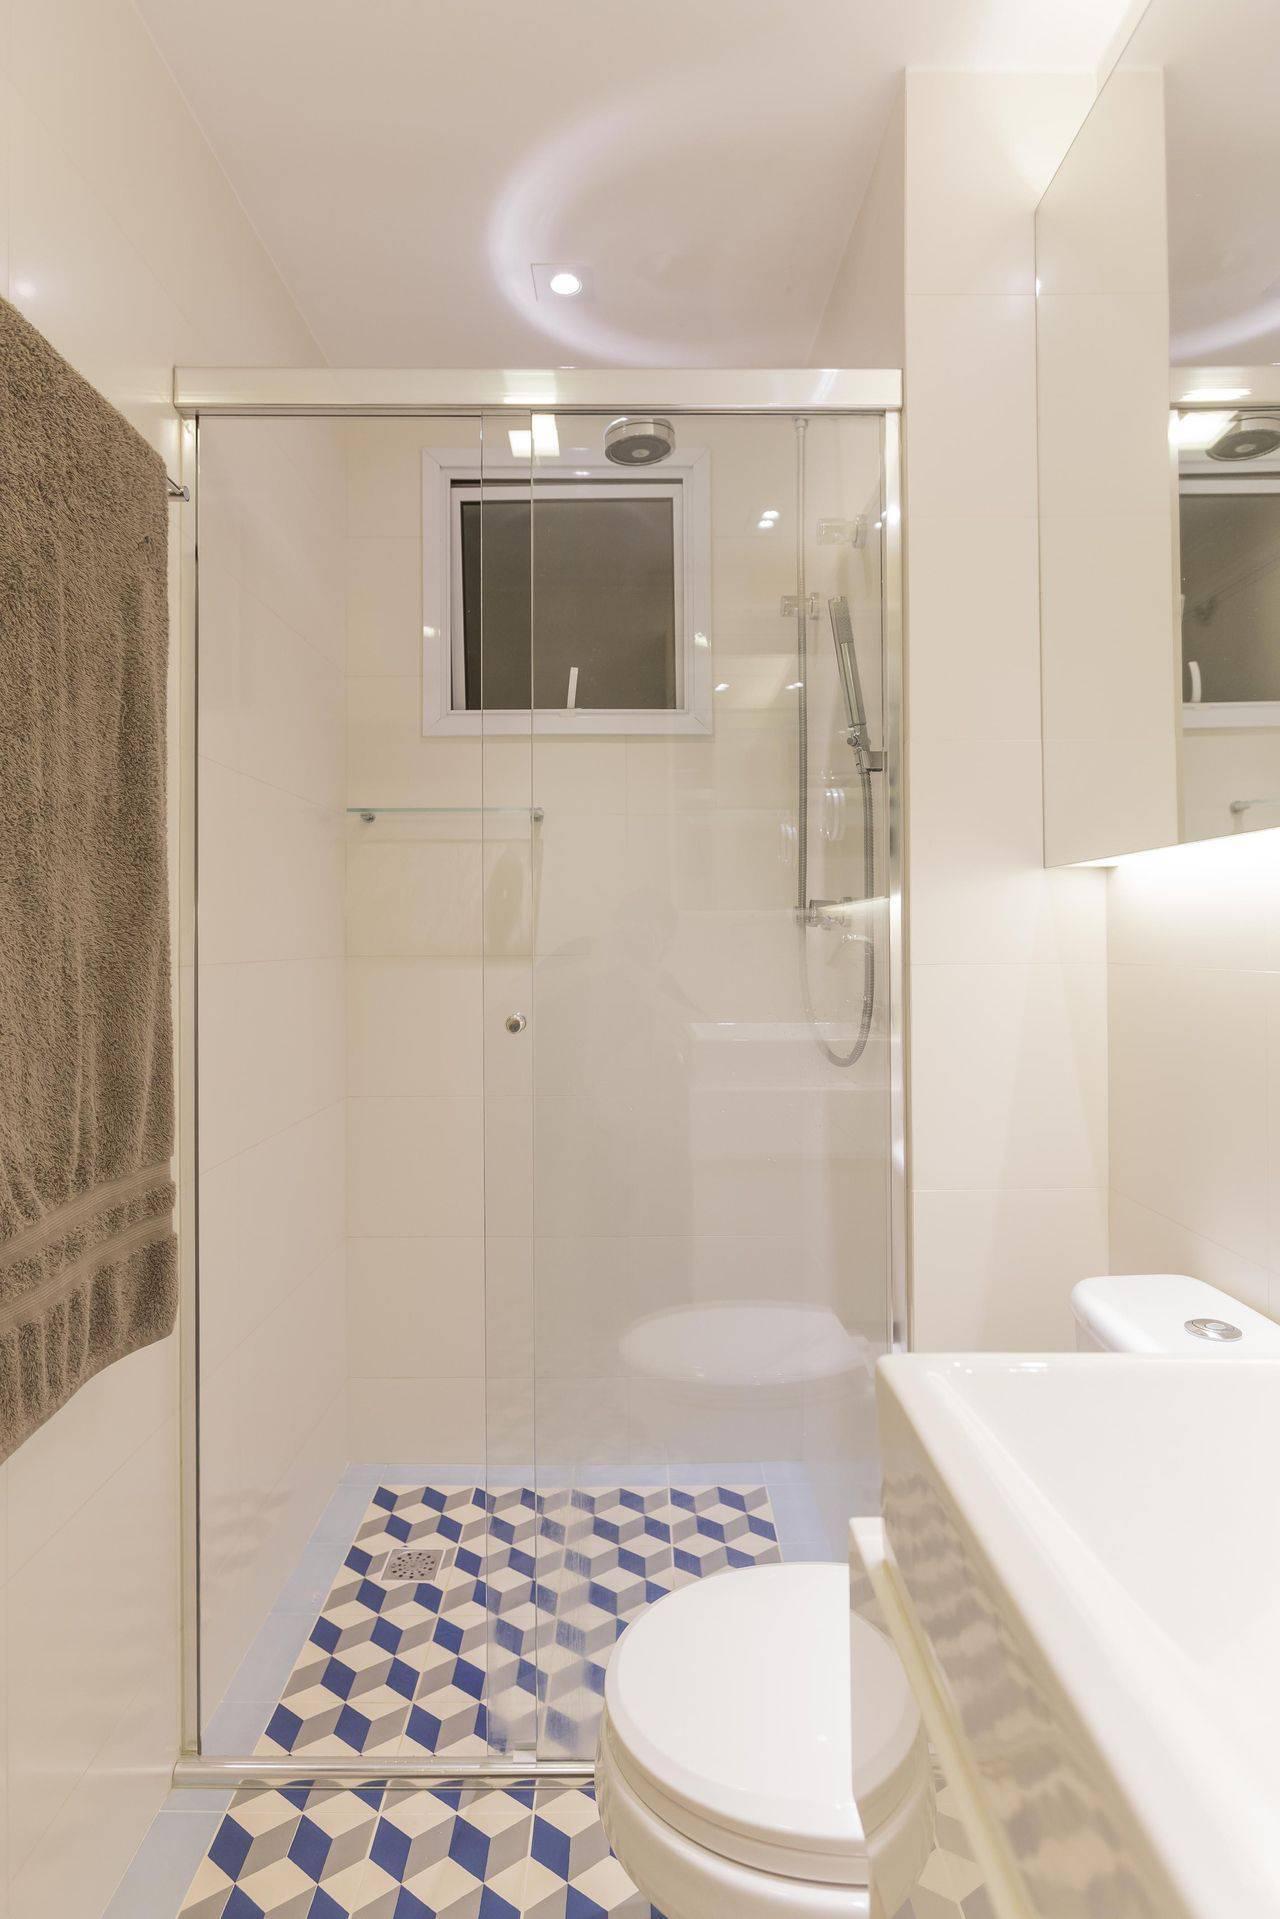 chuveiro banheiro conseil brasil 74716